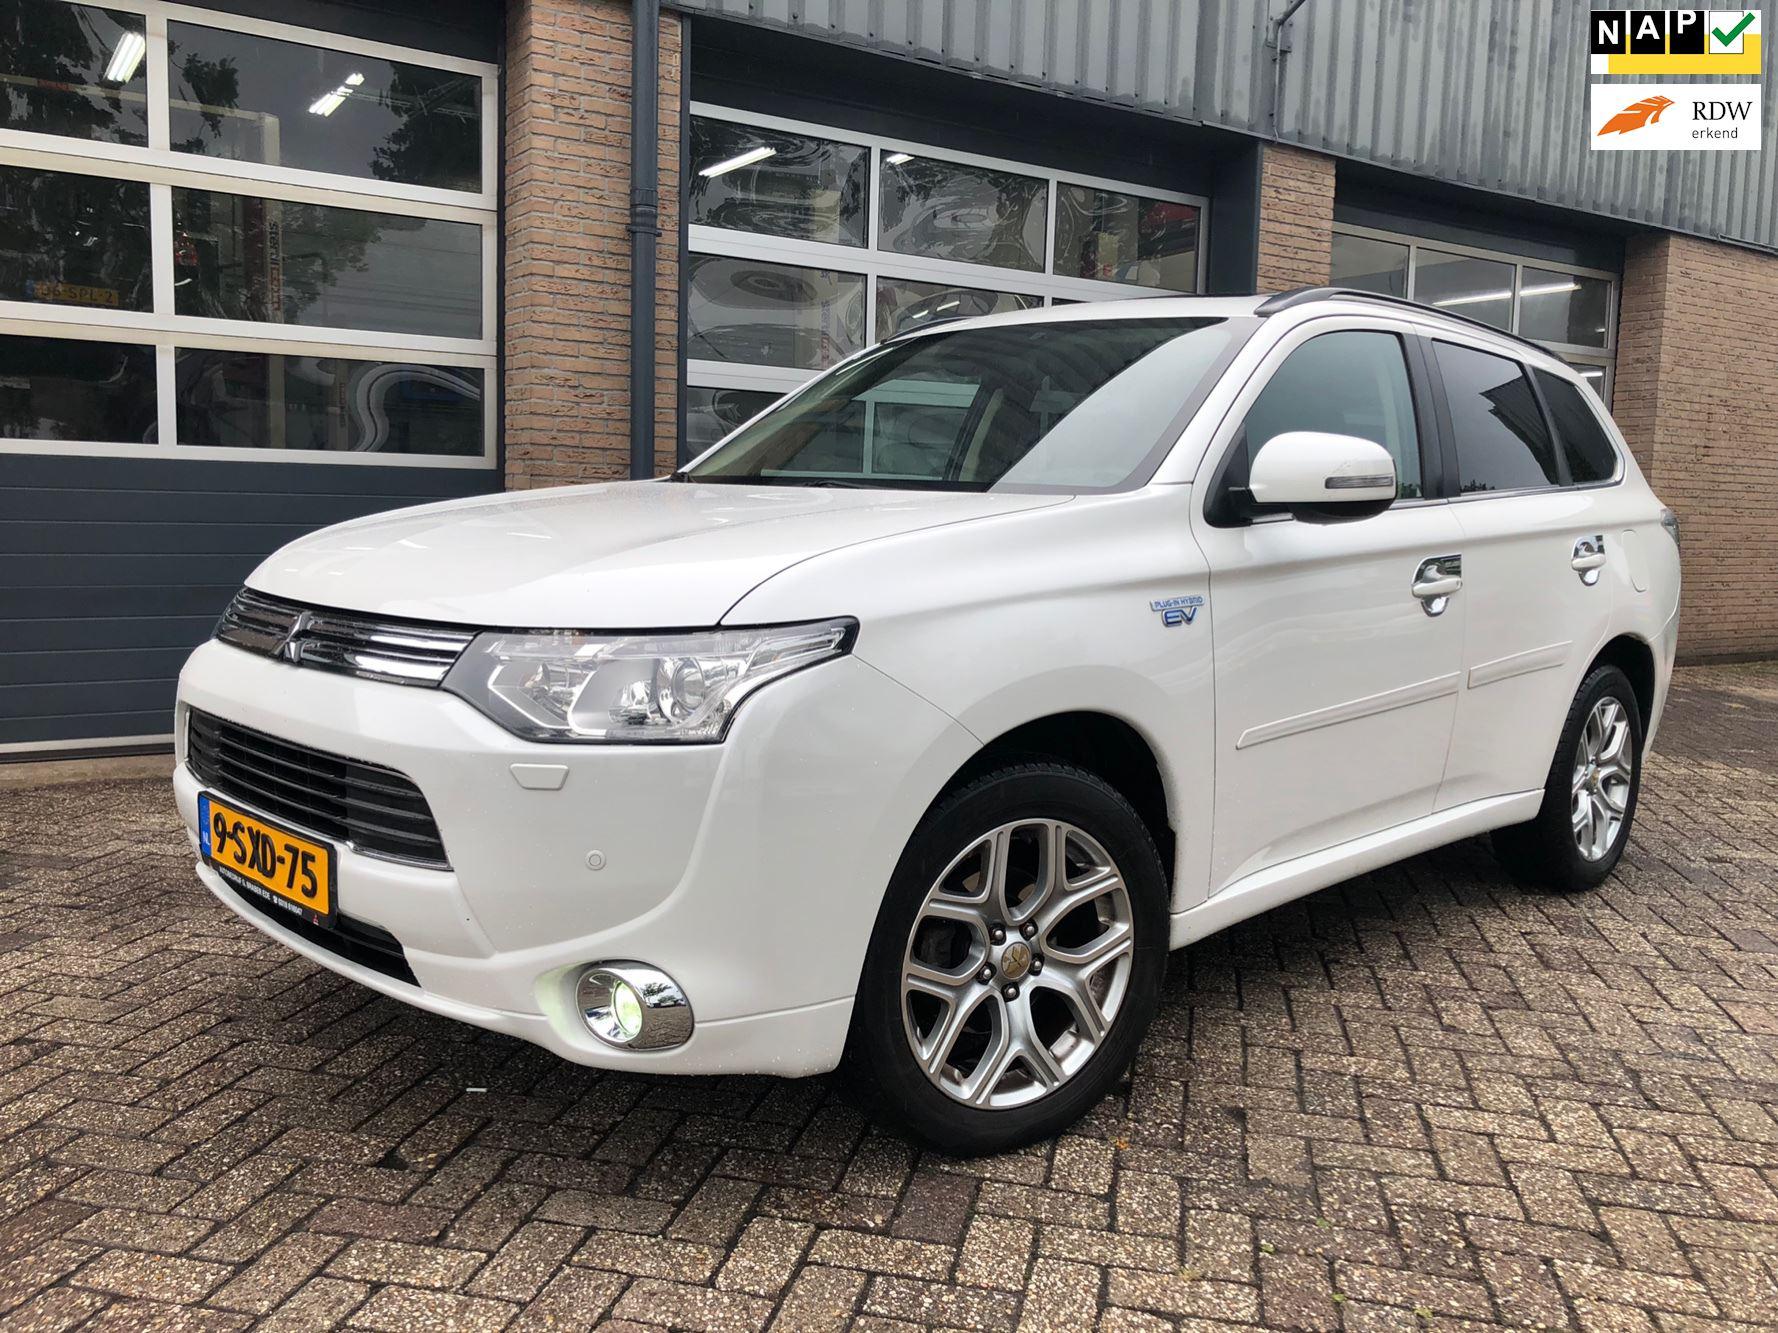 Mitsubishi Outlander occasion - Drost Autobedrijf